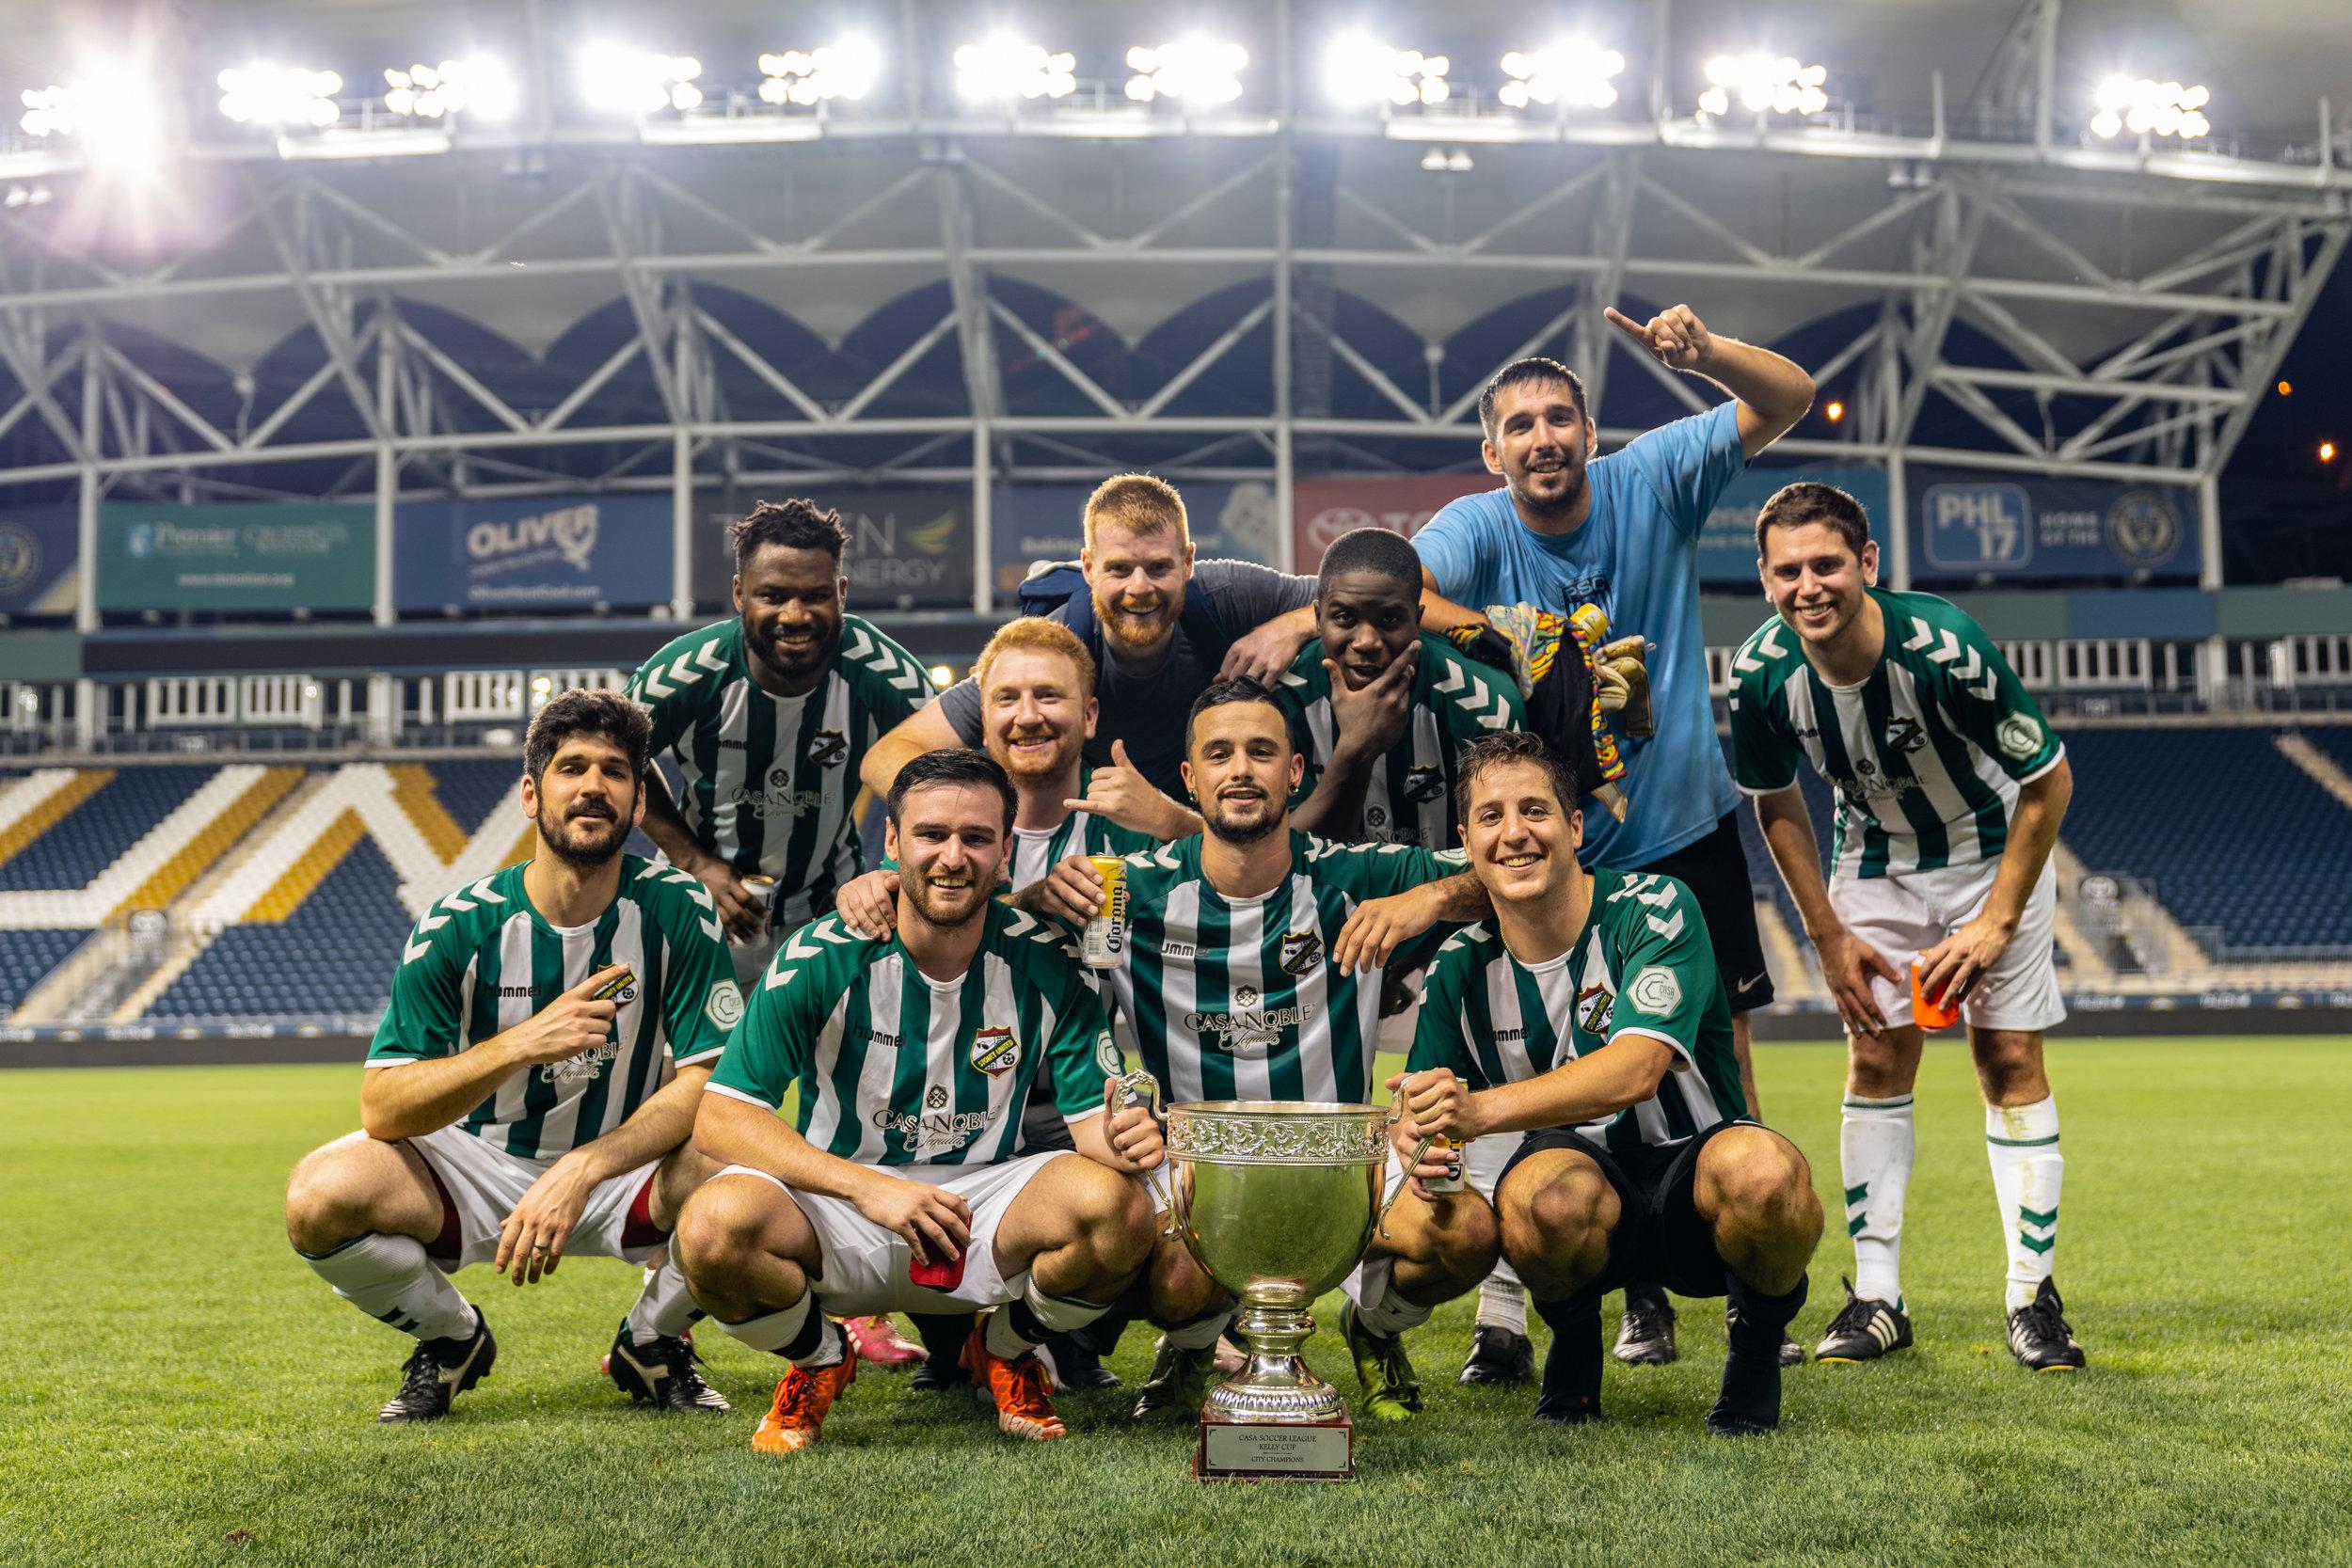 Kelly Cup Final 2018 p2-16.jpg